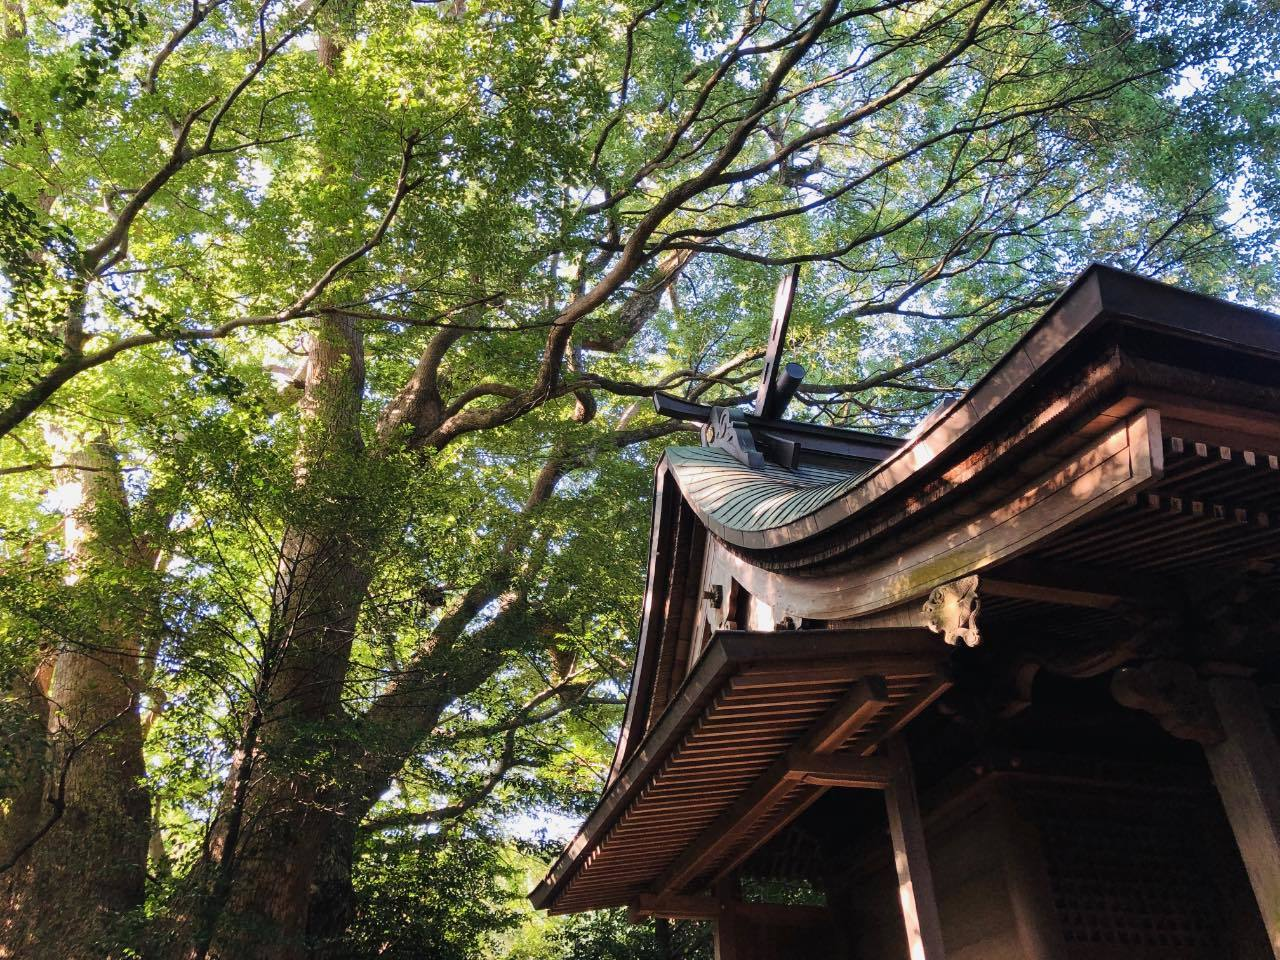 川上神社3 福岡県糟屋郡新宮町_b0023047_02480531.jpg